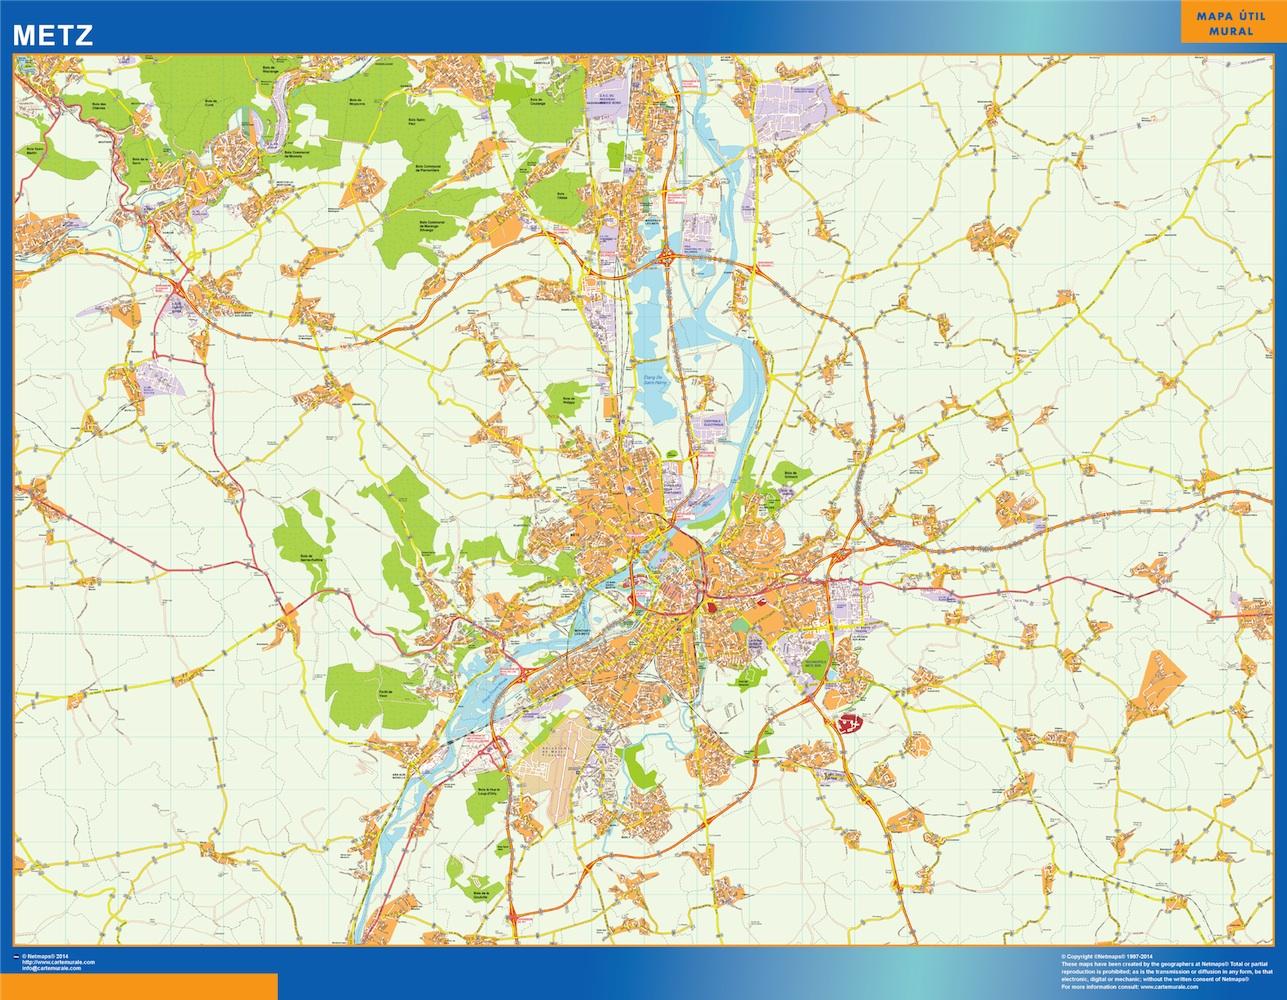 metz street map